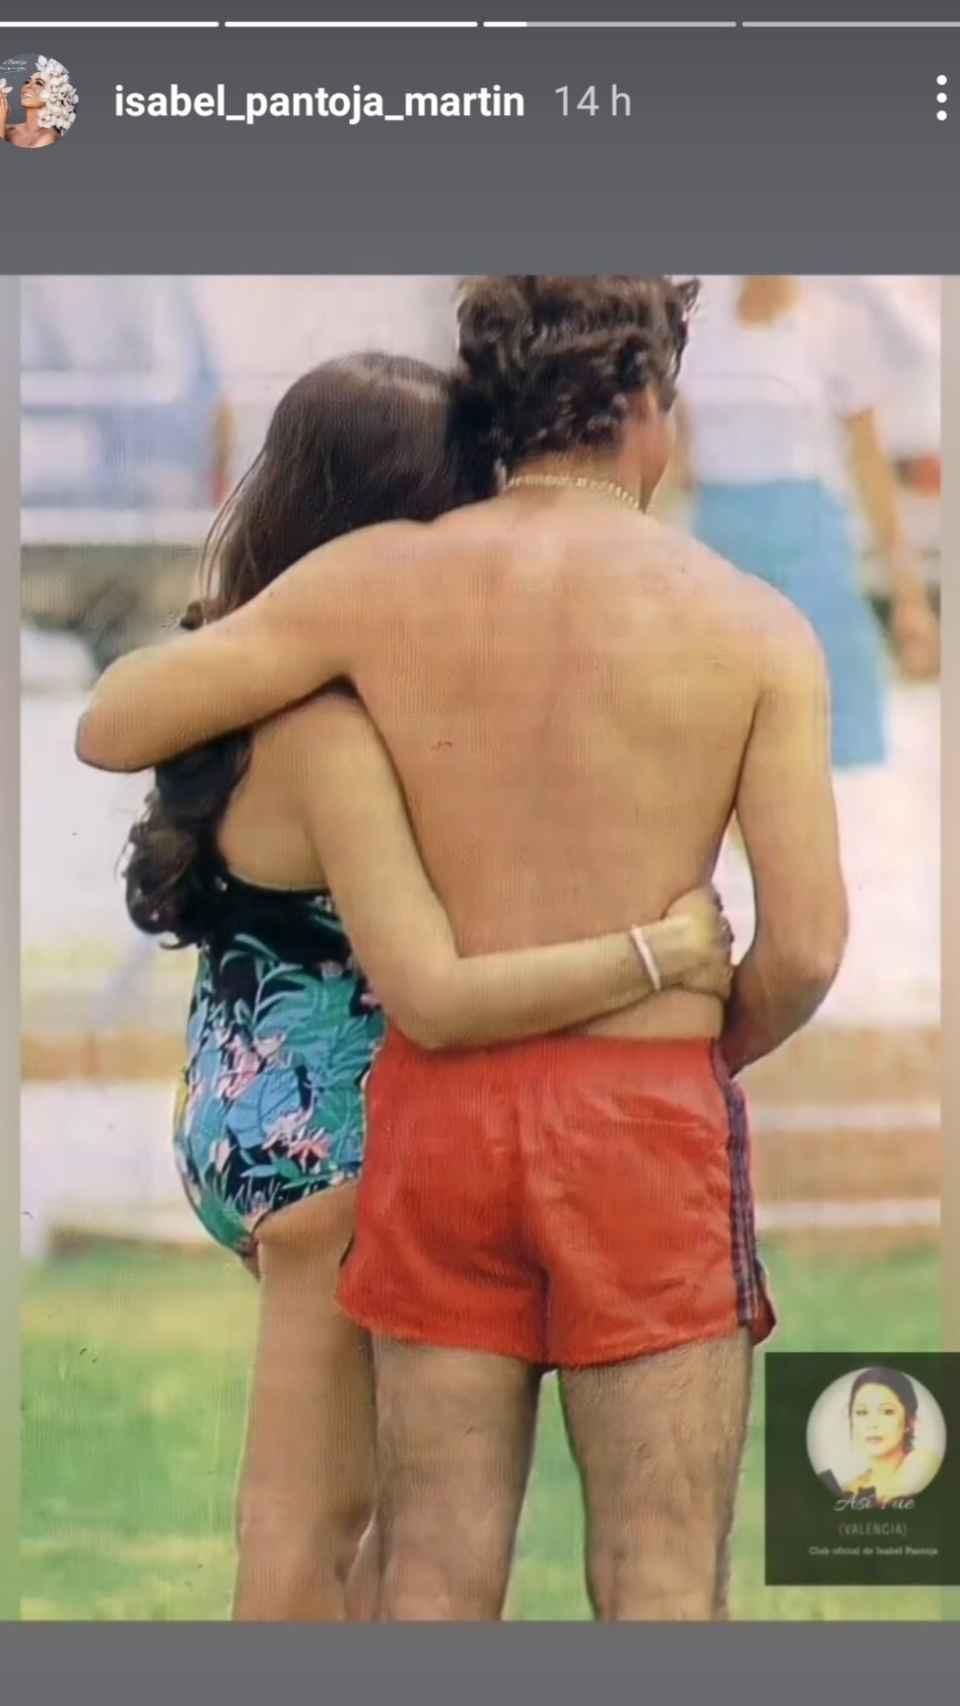 Esta es la imagen junto a Paquirri que Isabel ha rescatado del vídeo de su clun de fans para compartirla.